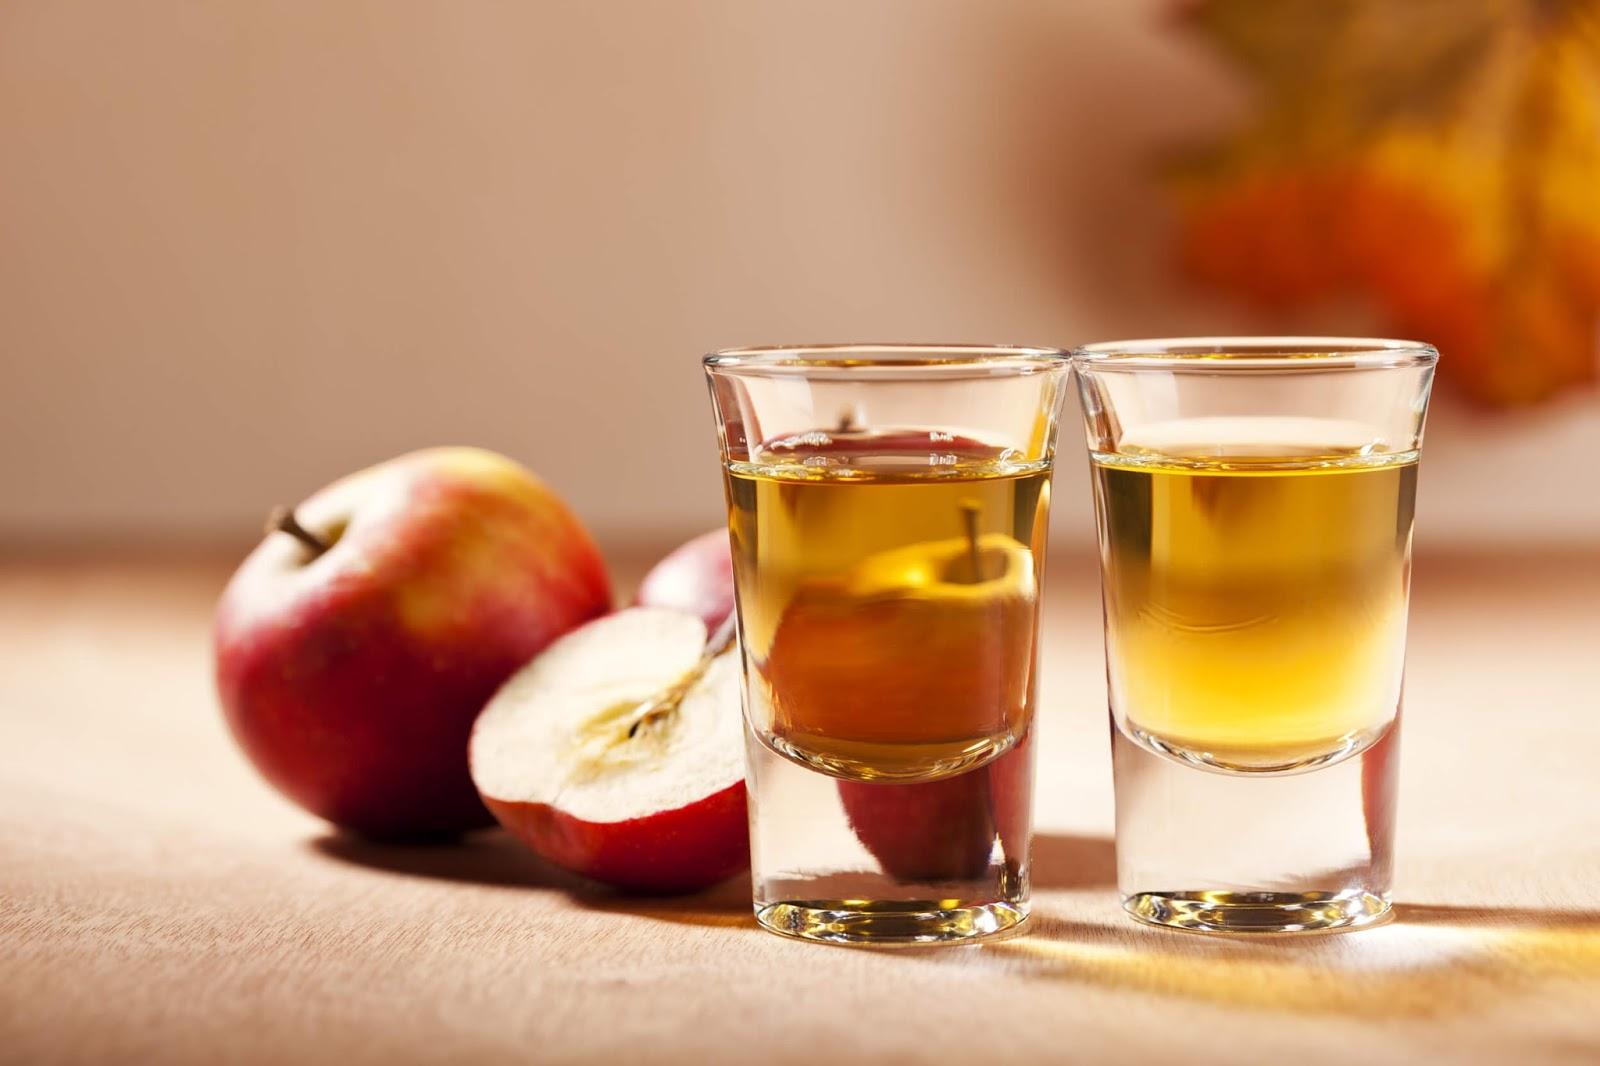 فوائد خل التفاح , 15 فائده من فوائد خل التفاح